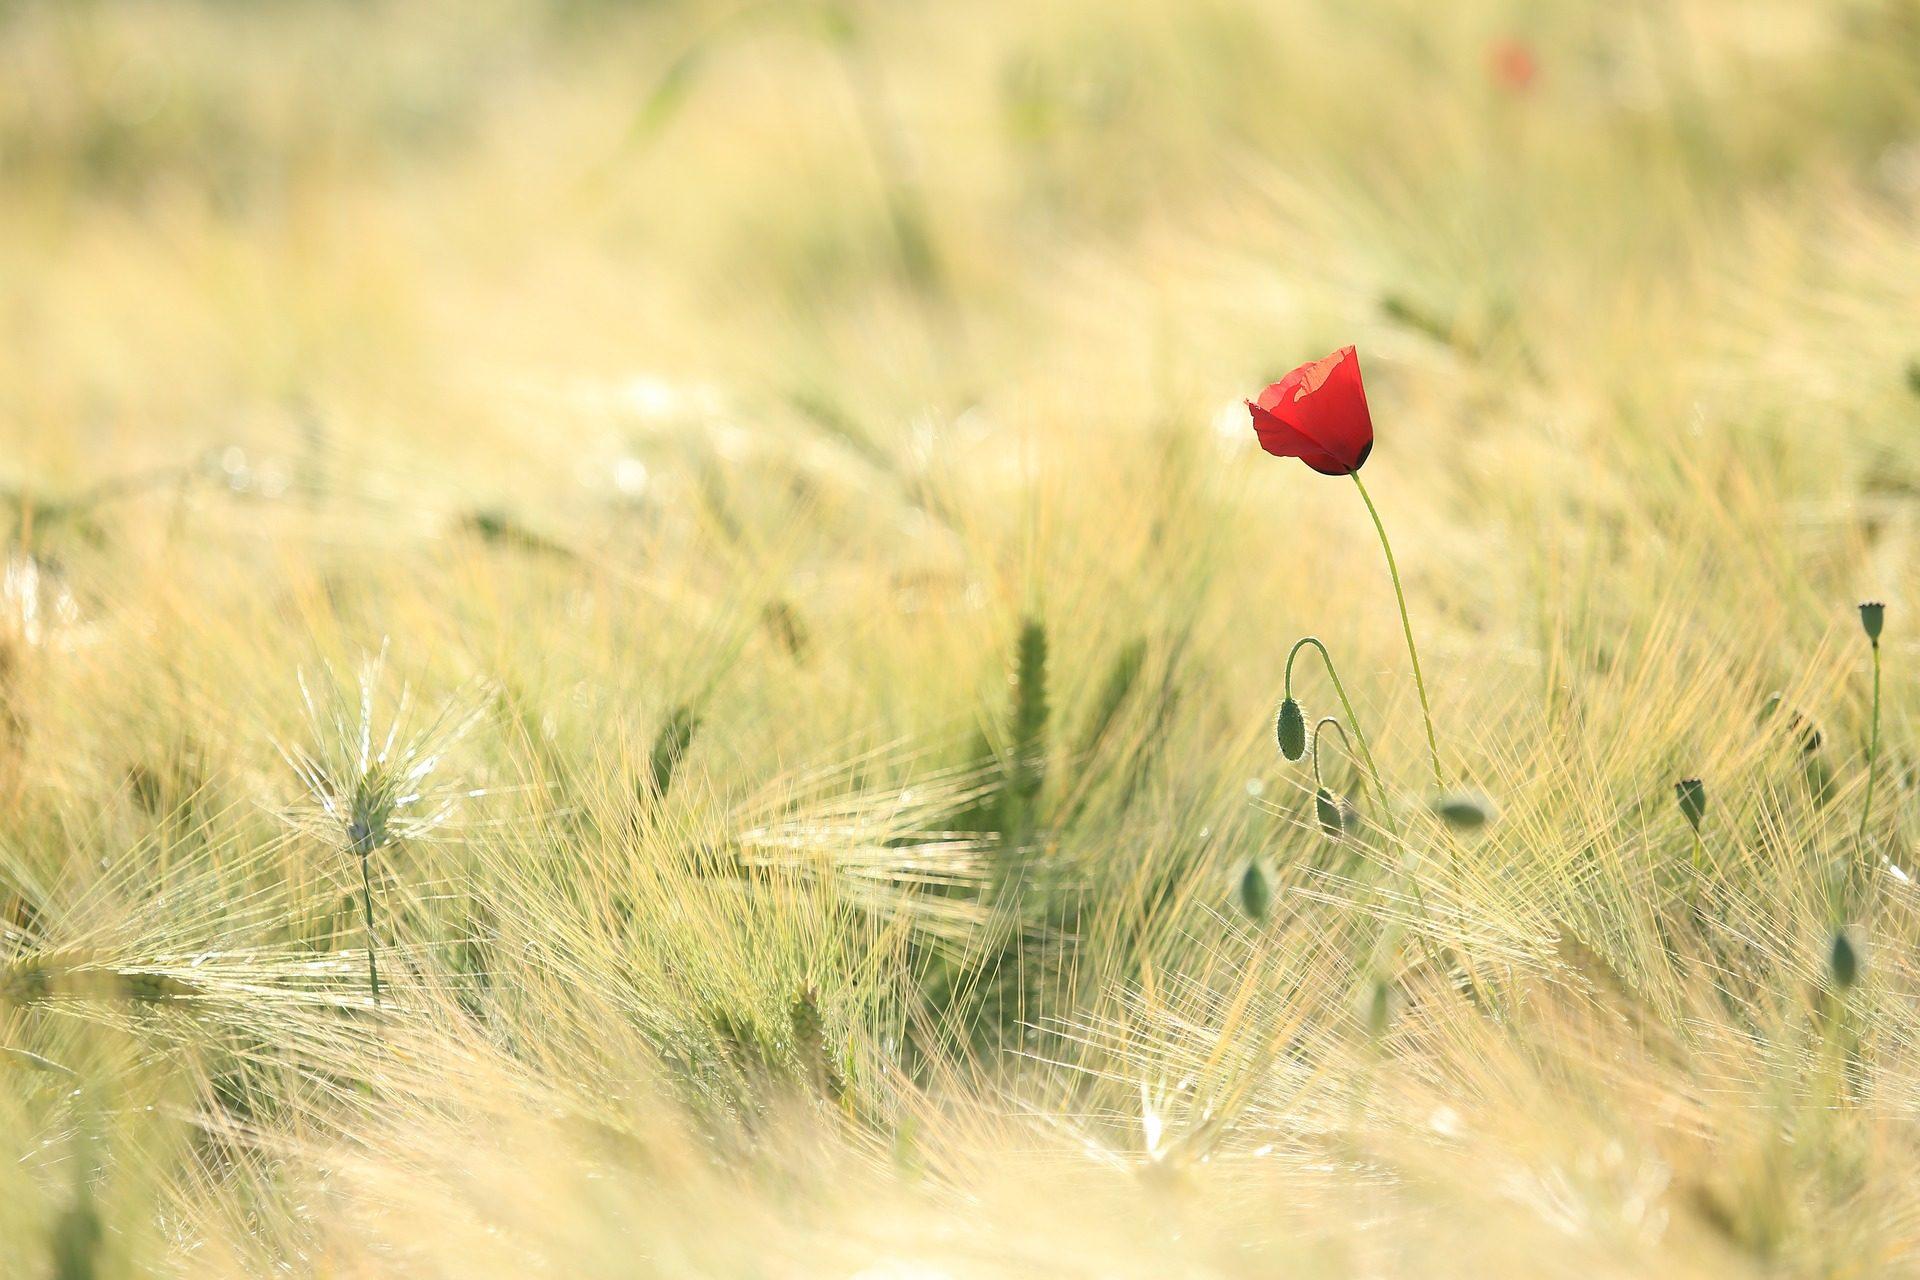 coquelicot, fleur, domaine, plantes, céréales - Fonds d'écran HD - Professor-falken.com